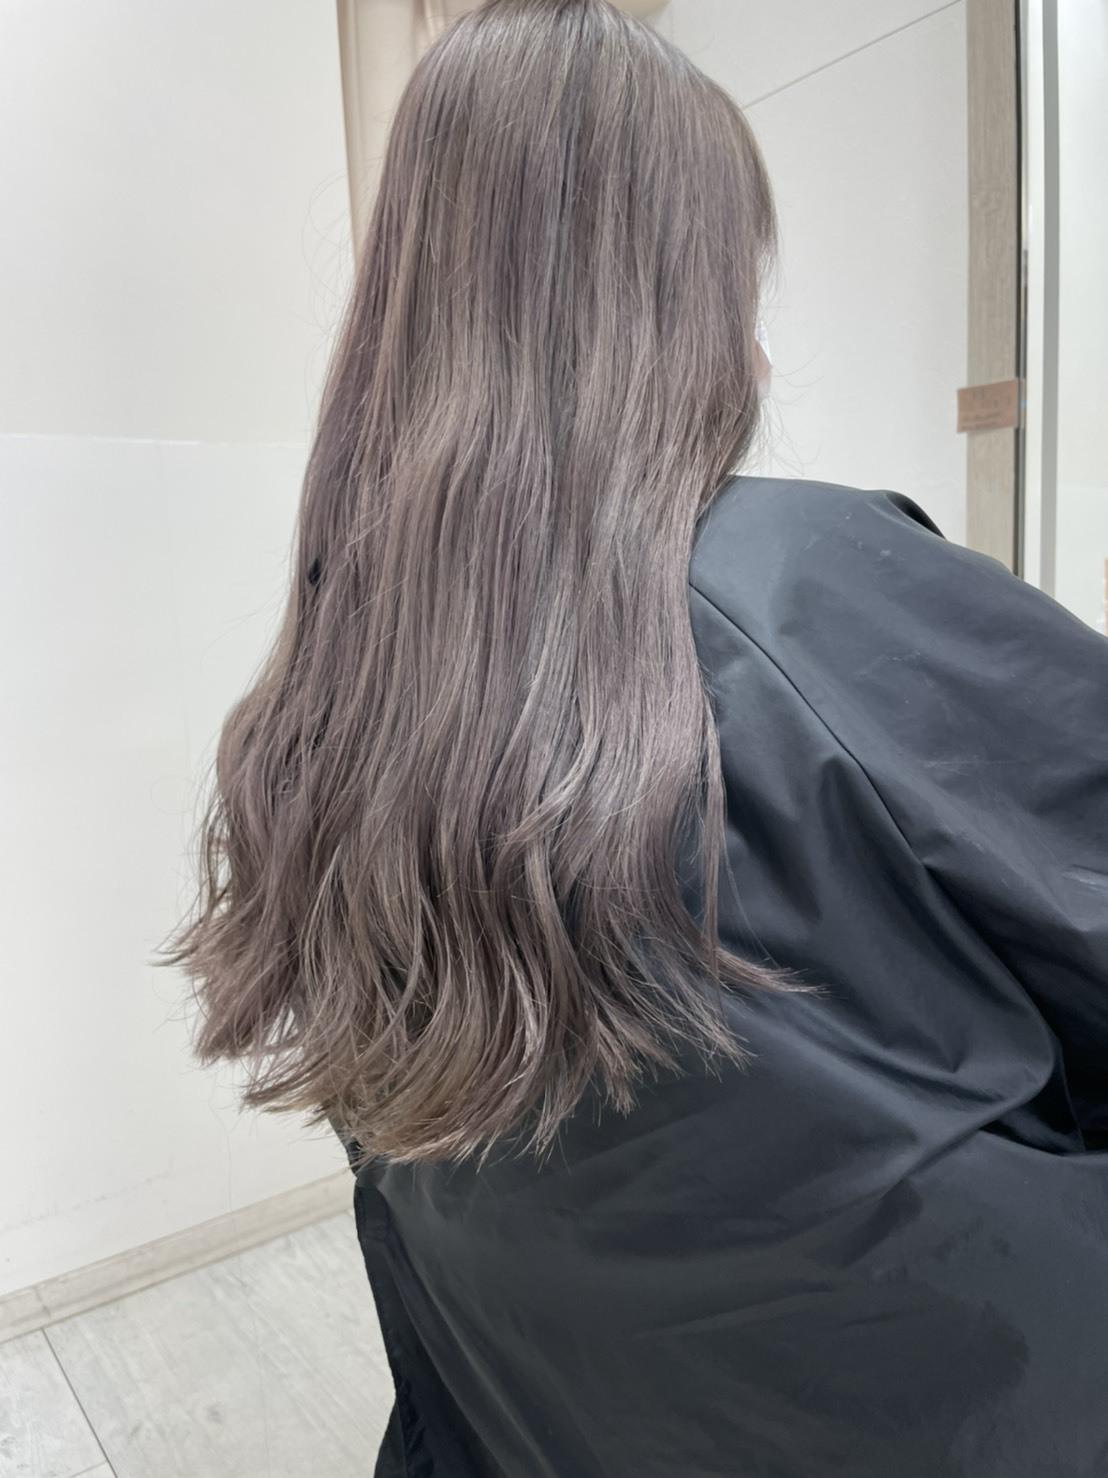 立体感や動きのあるスタイルを叶える<バレイヤージュ>でトレンドの垢抜けヘアを実現します!